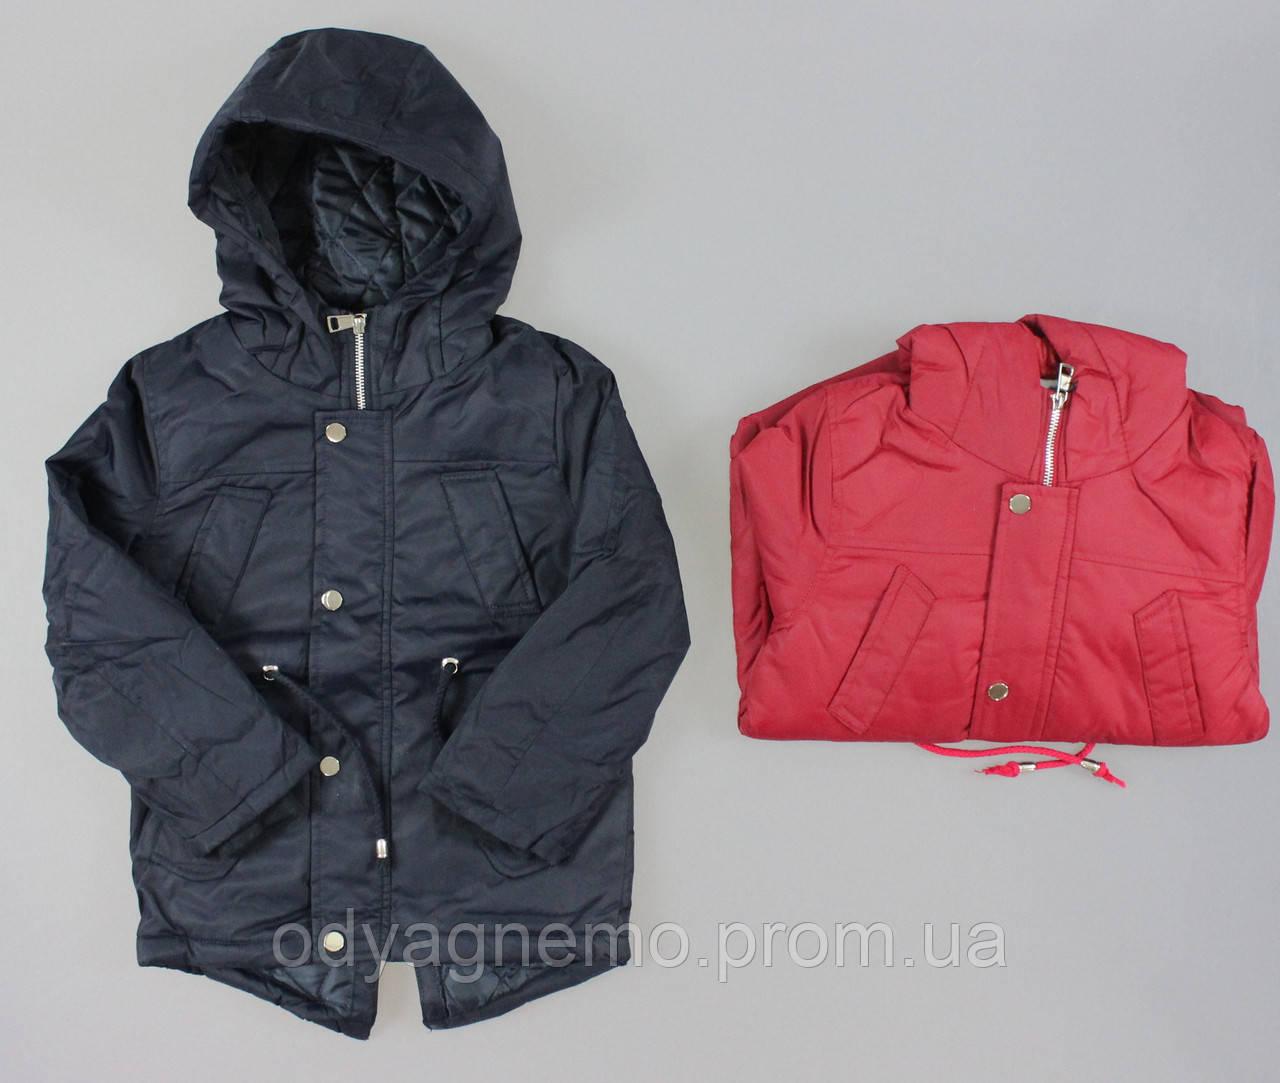 Куртка для мальчиков Setty Koop оптом, 1-5 лет.